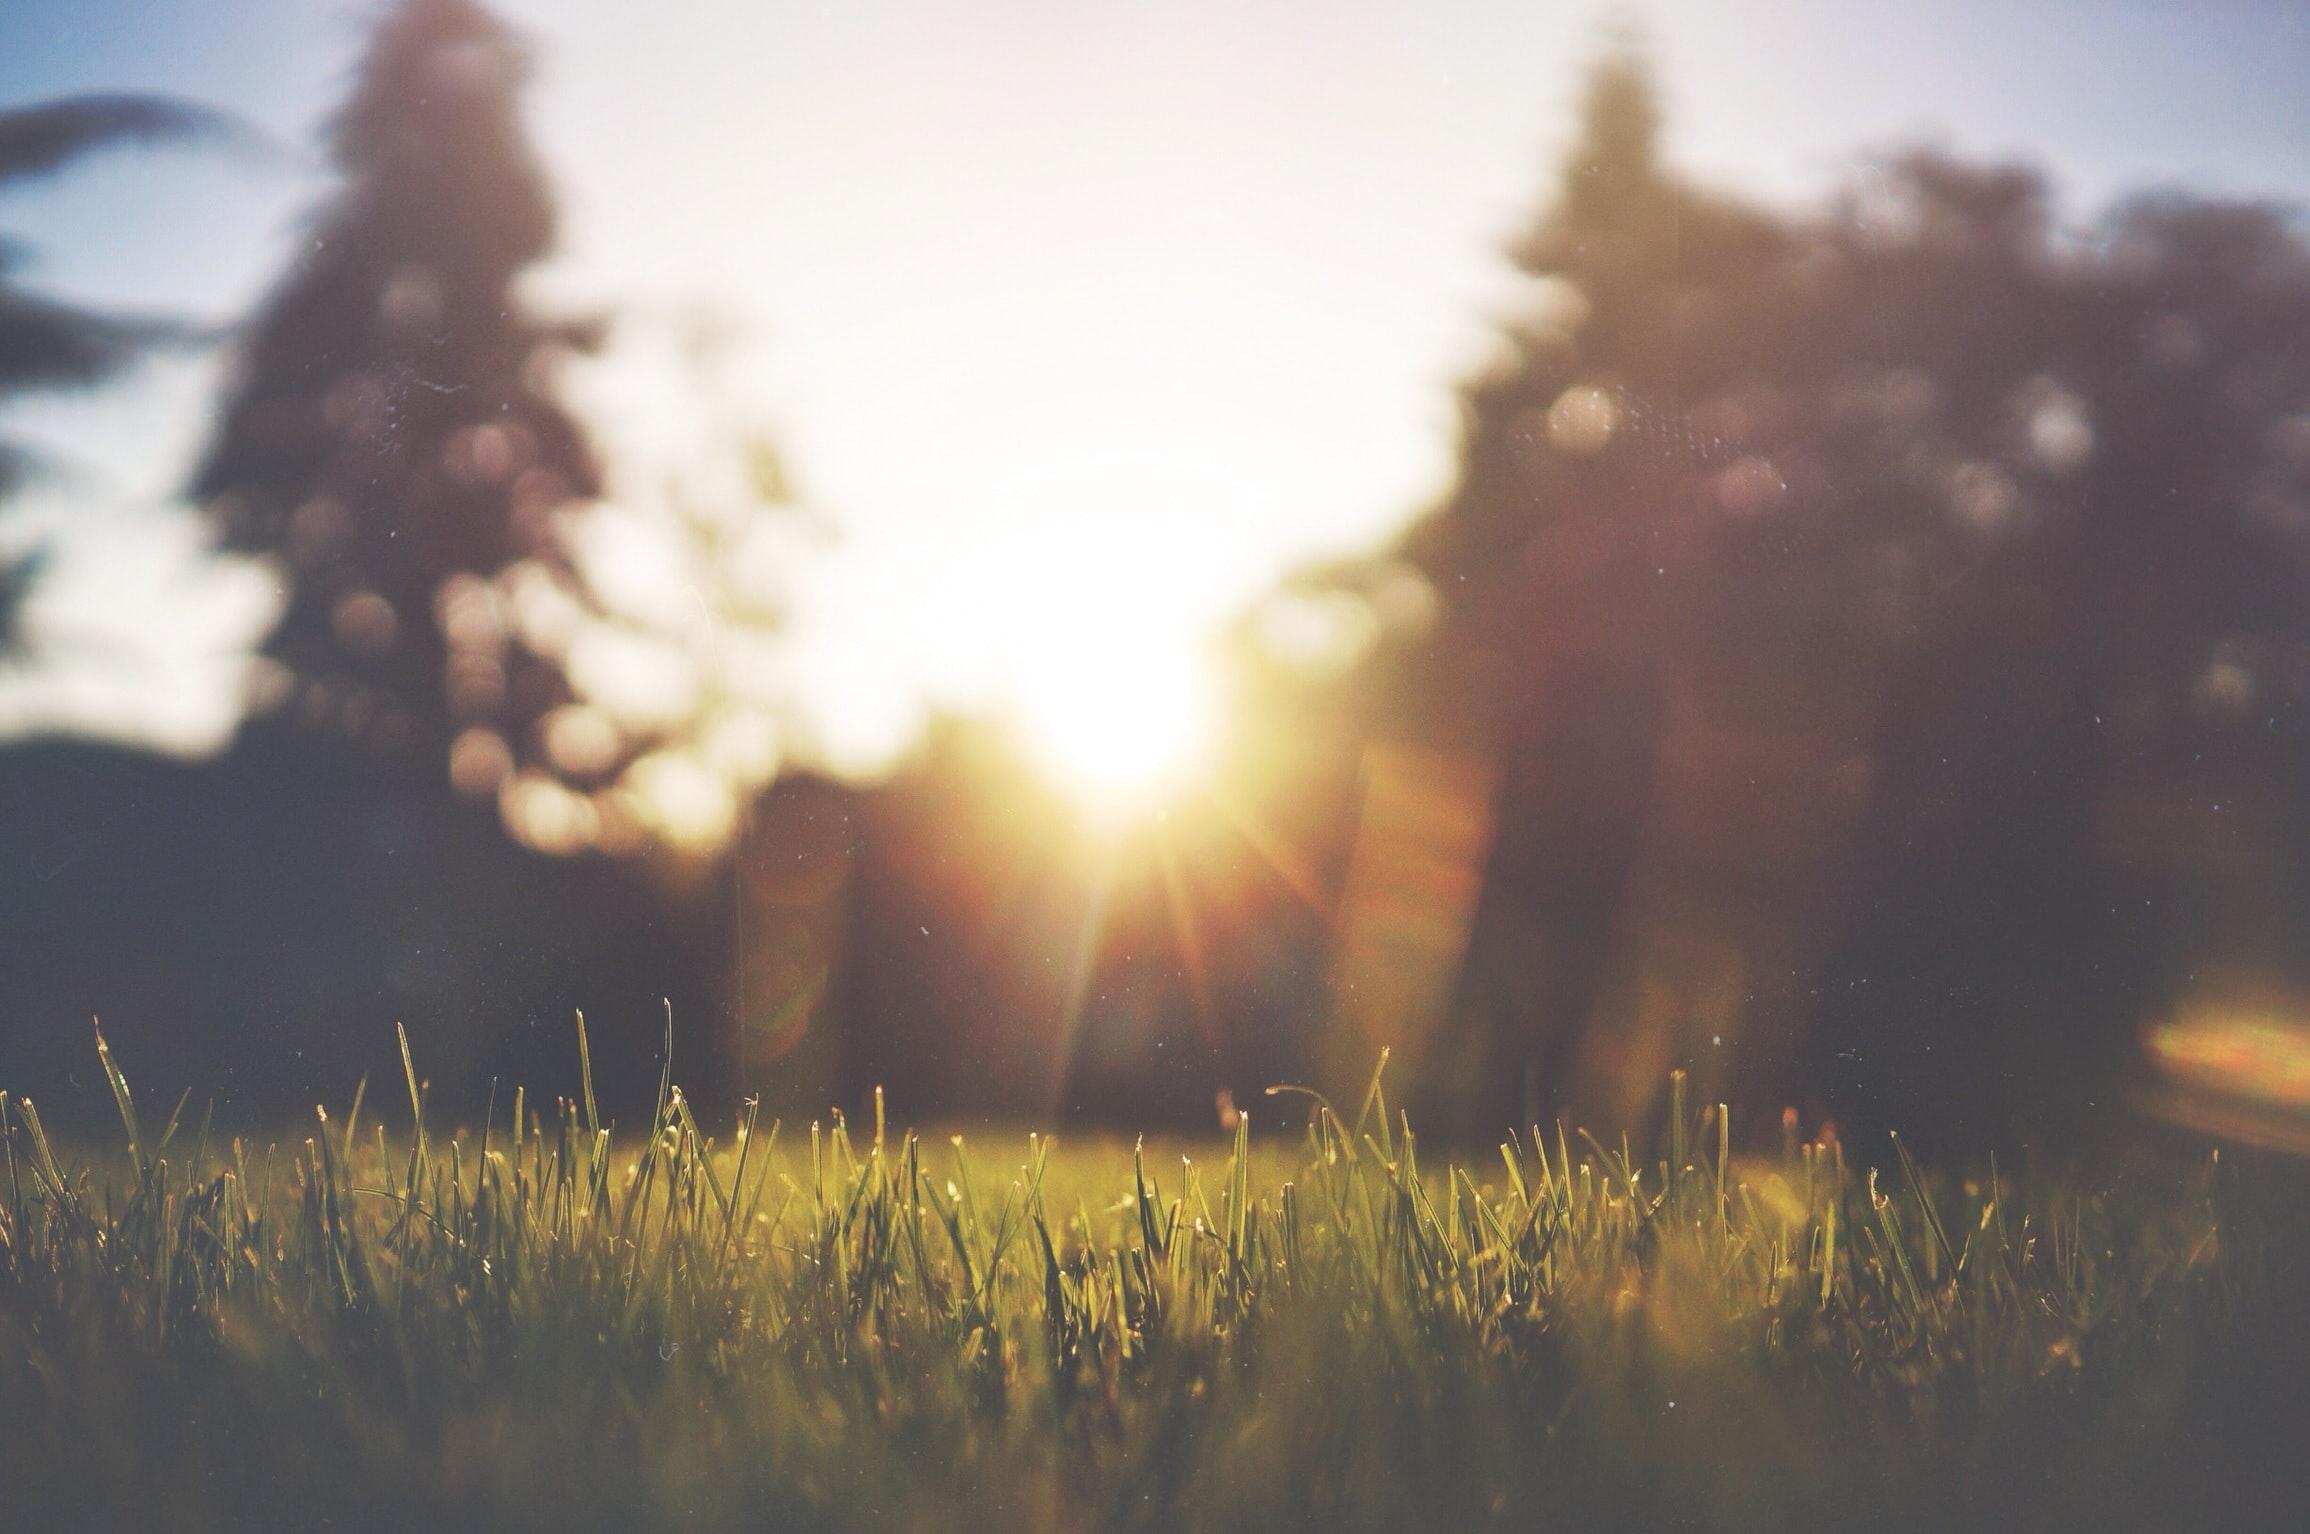 ánh nắng